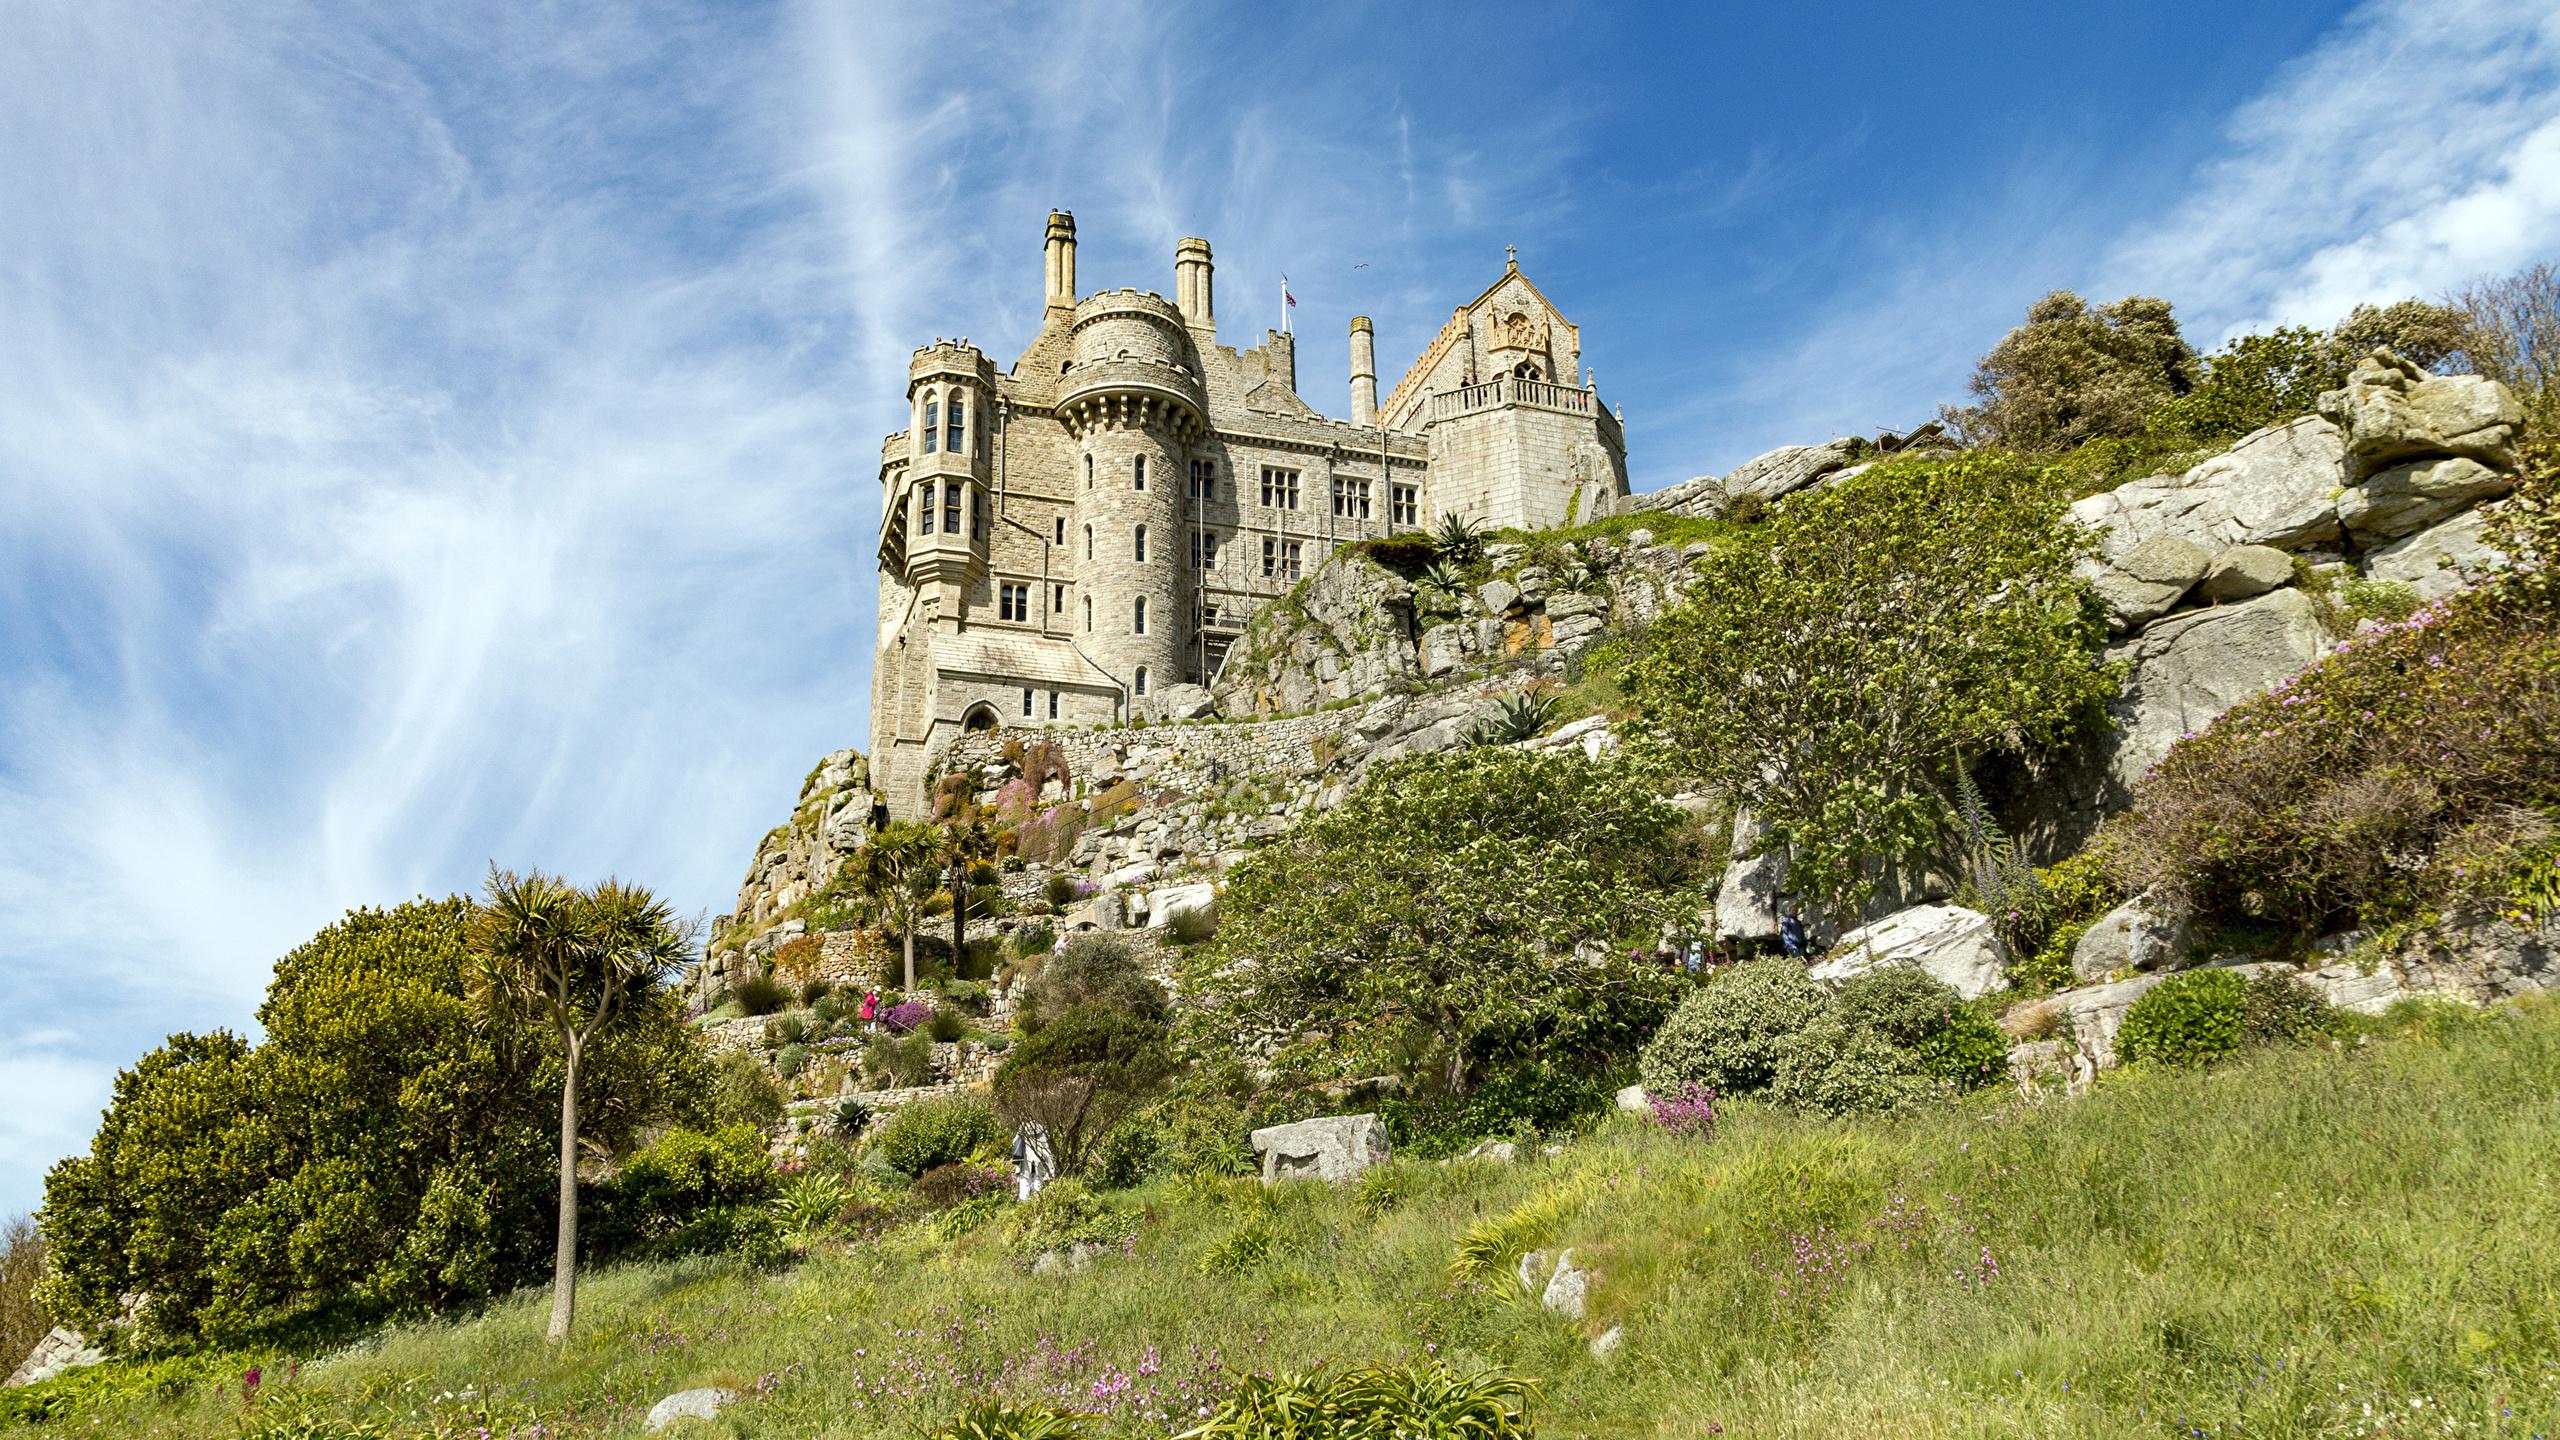 Обои для рабочего стола Франция St Michael's Mount Замки траве город 2560x1440 замок Трава Города